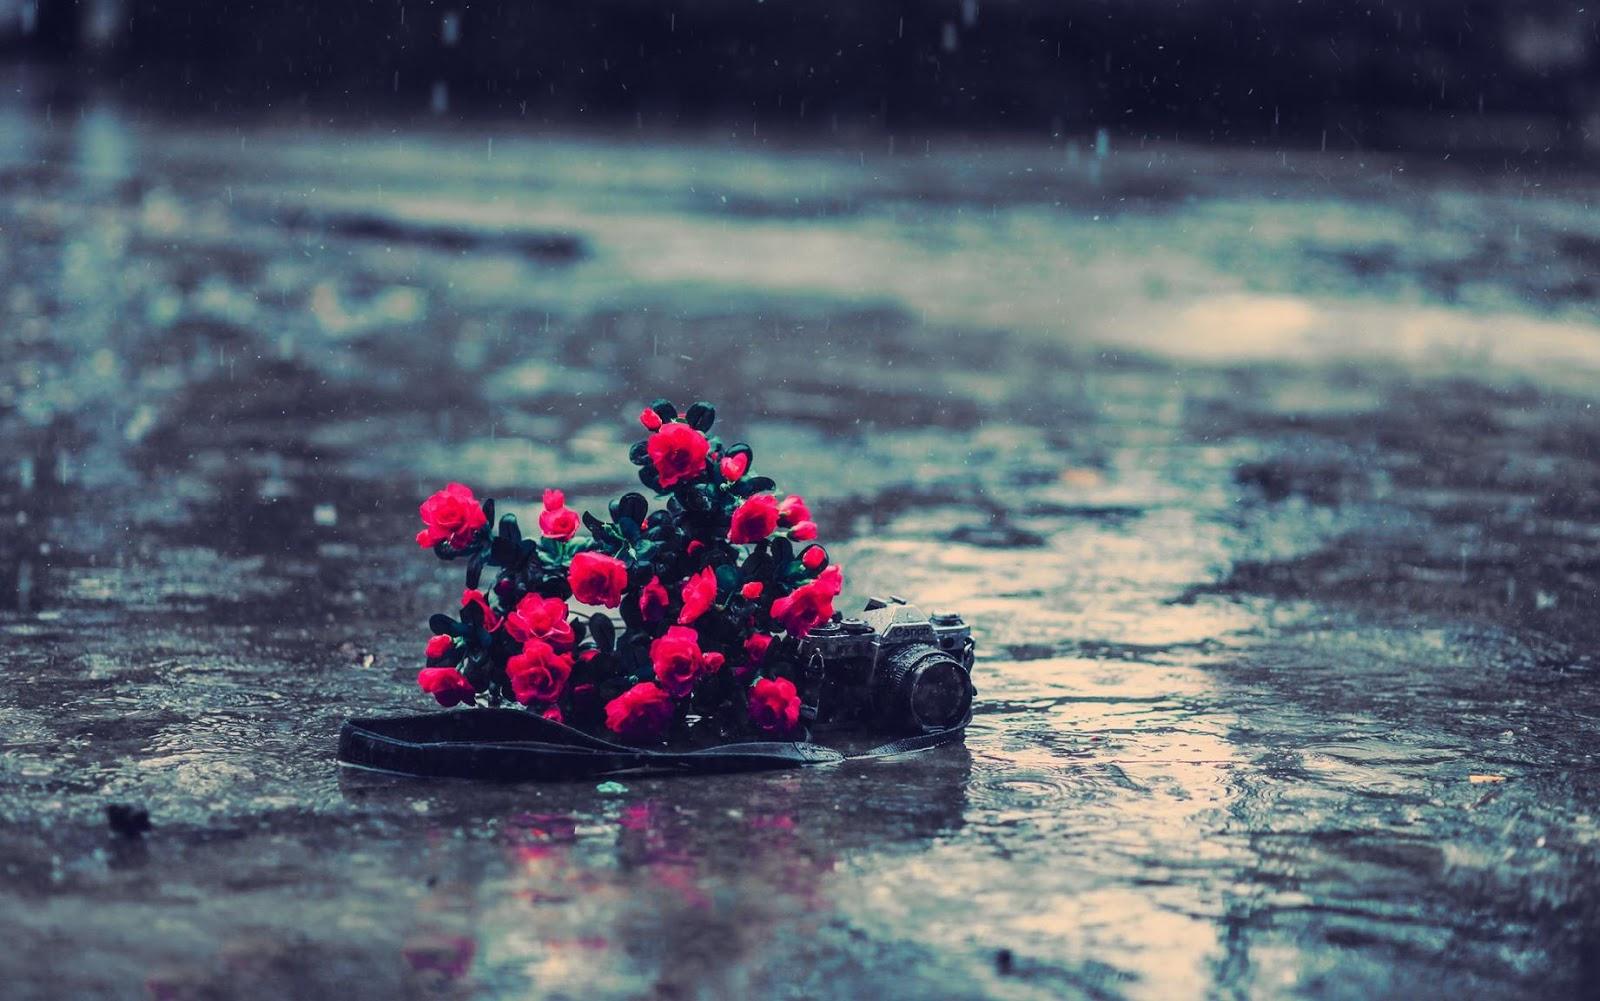 Kumpulan Dp Bbm Lucu Ketika Hujan Dp Bbm Lucu Untuk Hari Ini